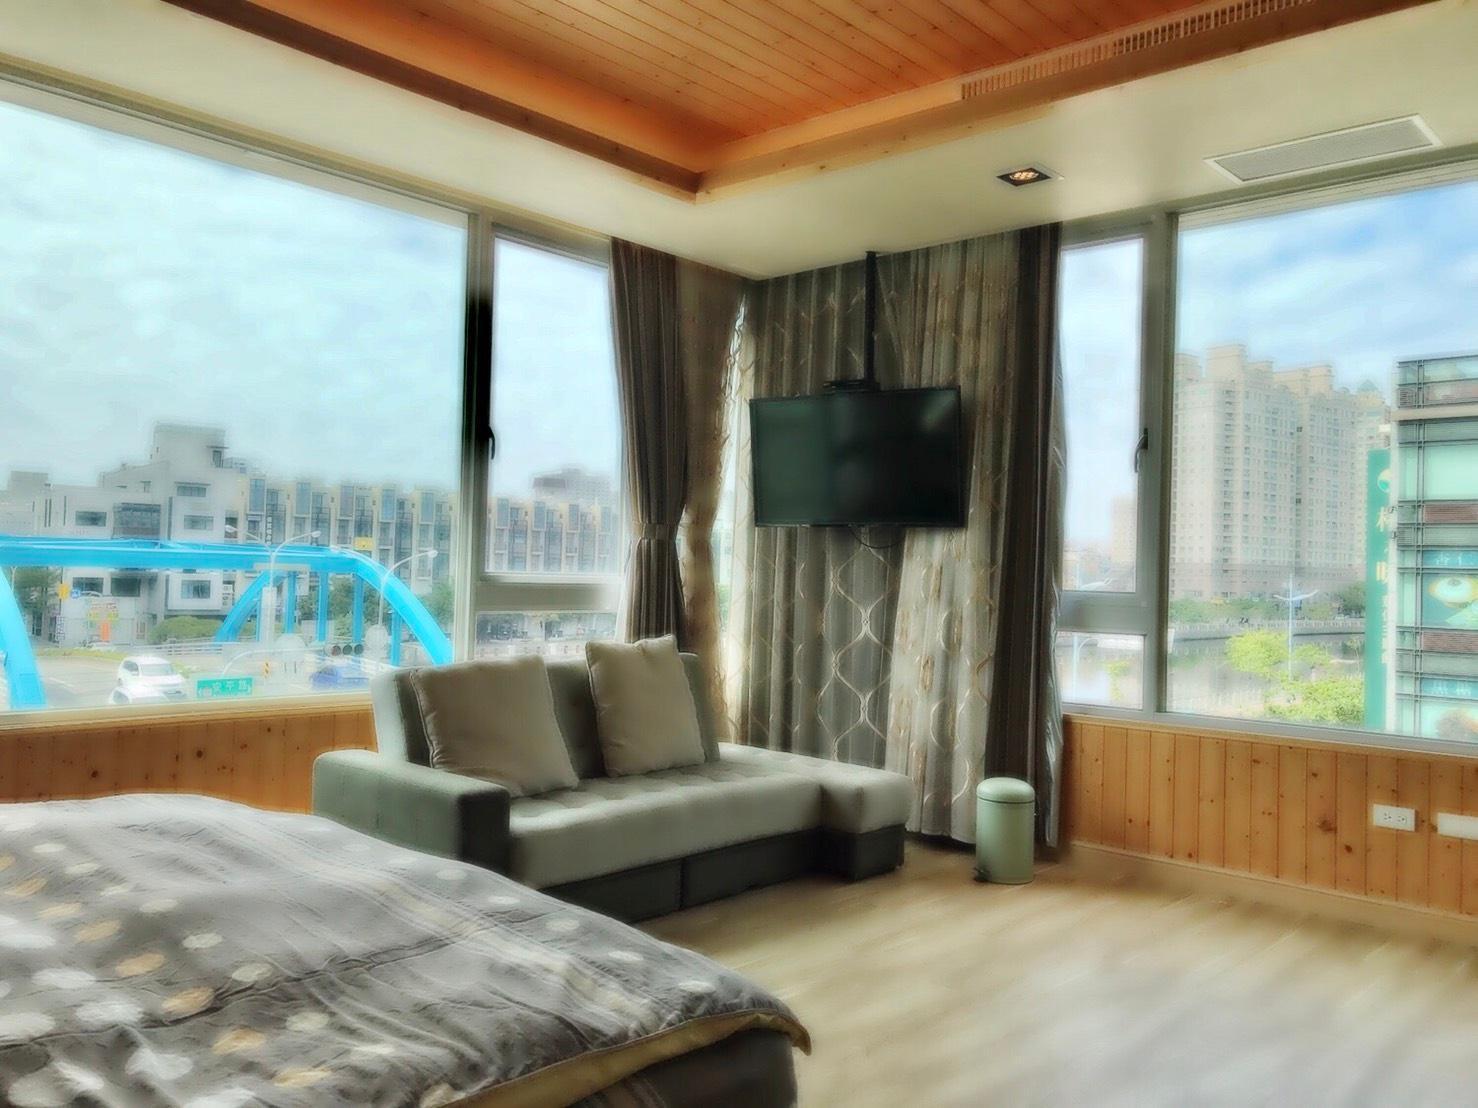 藍天驛站旗艦館3A | 臺南市 2020年 最新優惠 │ 點進來看照片和評論~